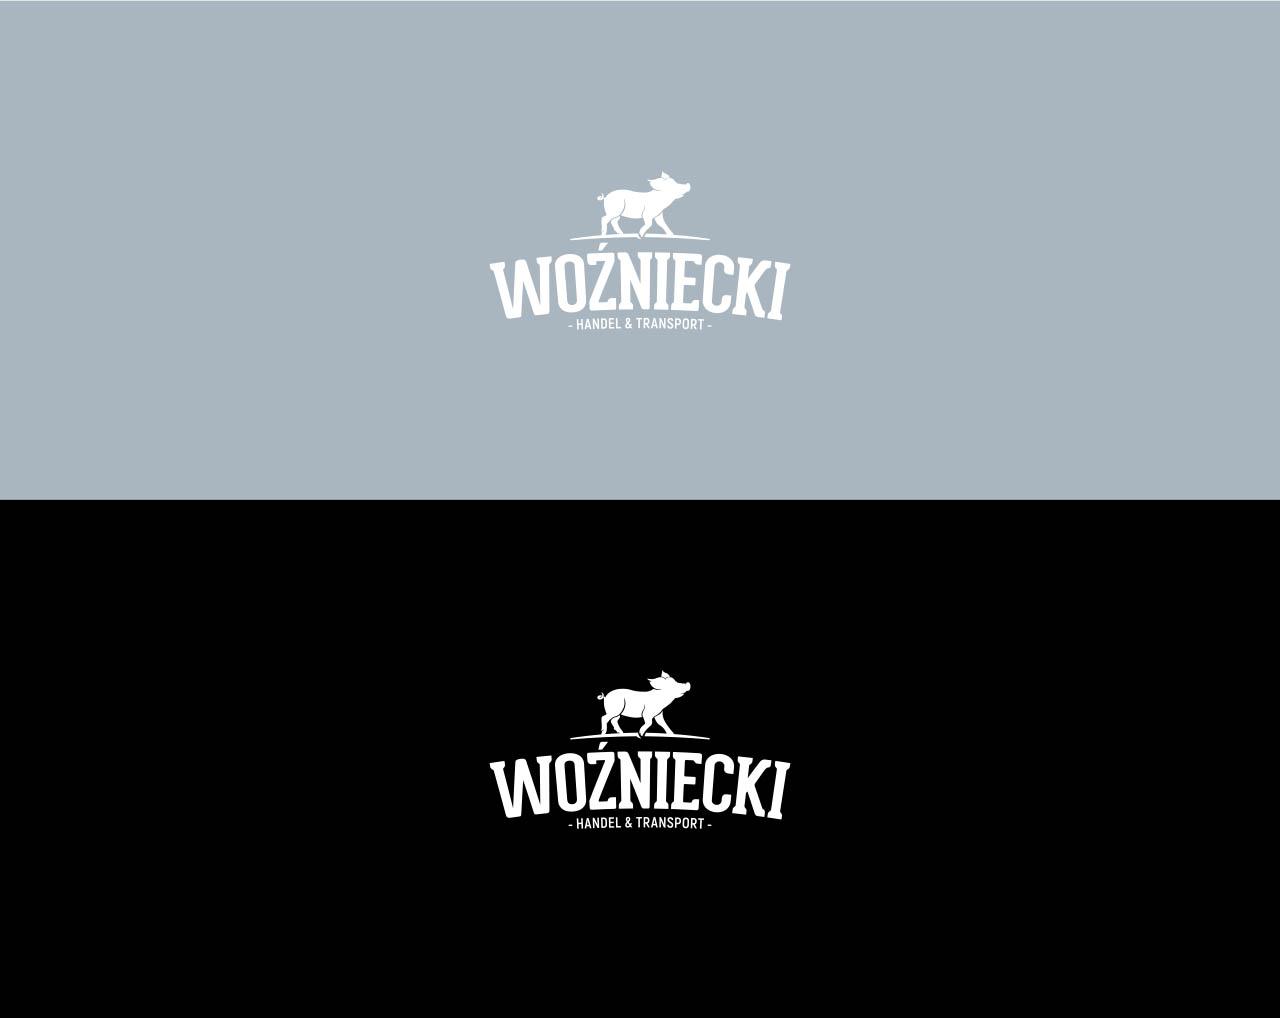 Projekt logotypu Woźniecki w wersji białej na różnych tłach kolorystycznych